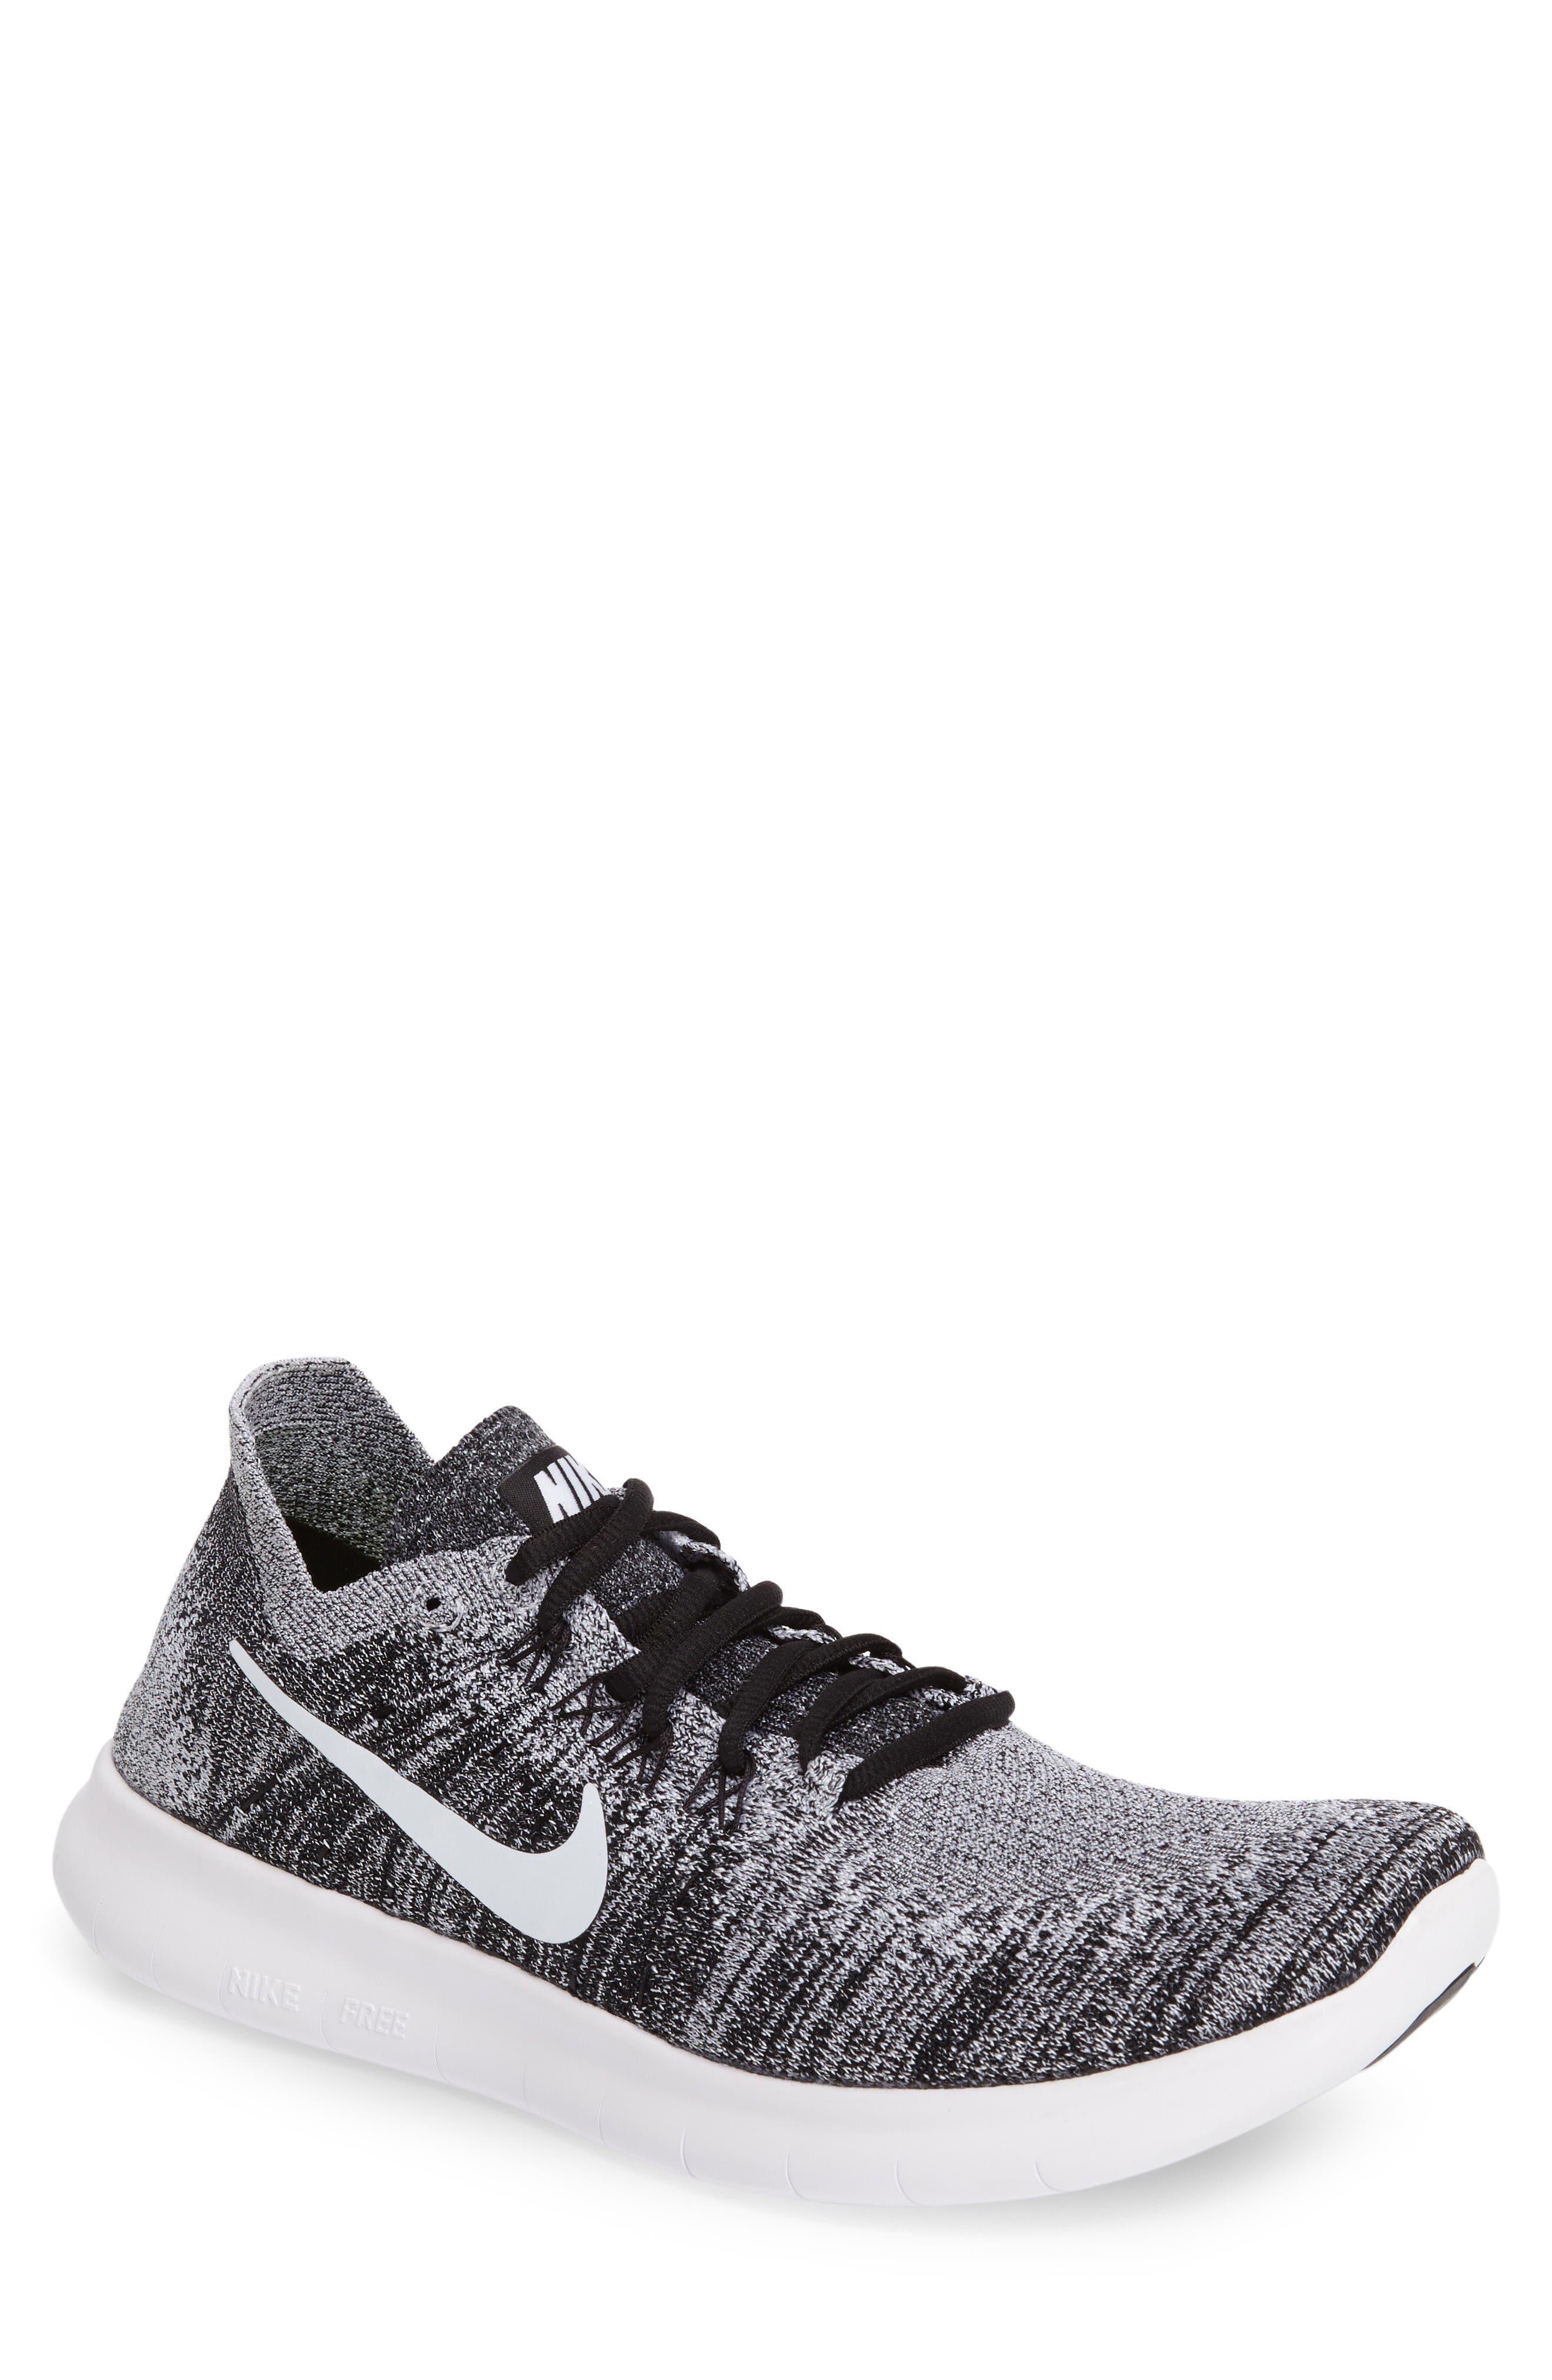 Nike Free Run Flyknit 2017 Running Shoe (Men) (Regular Retail Price: $120.00)